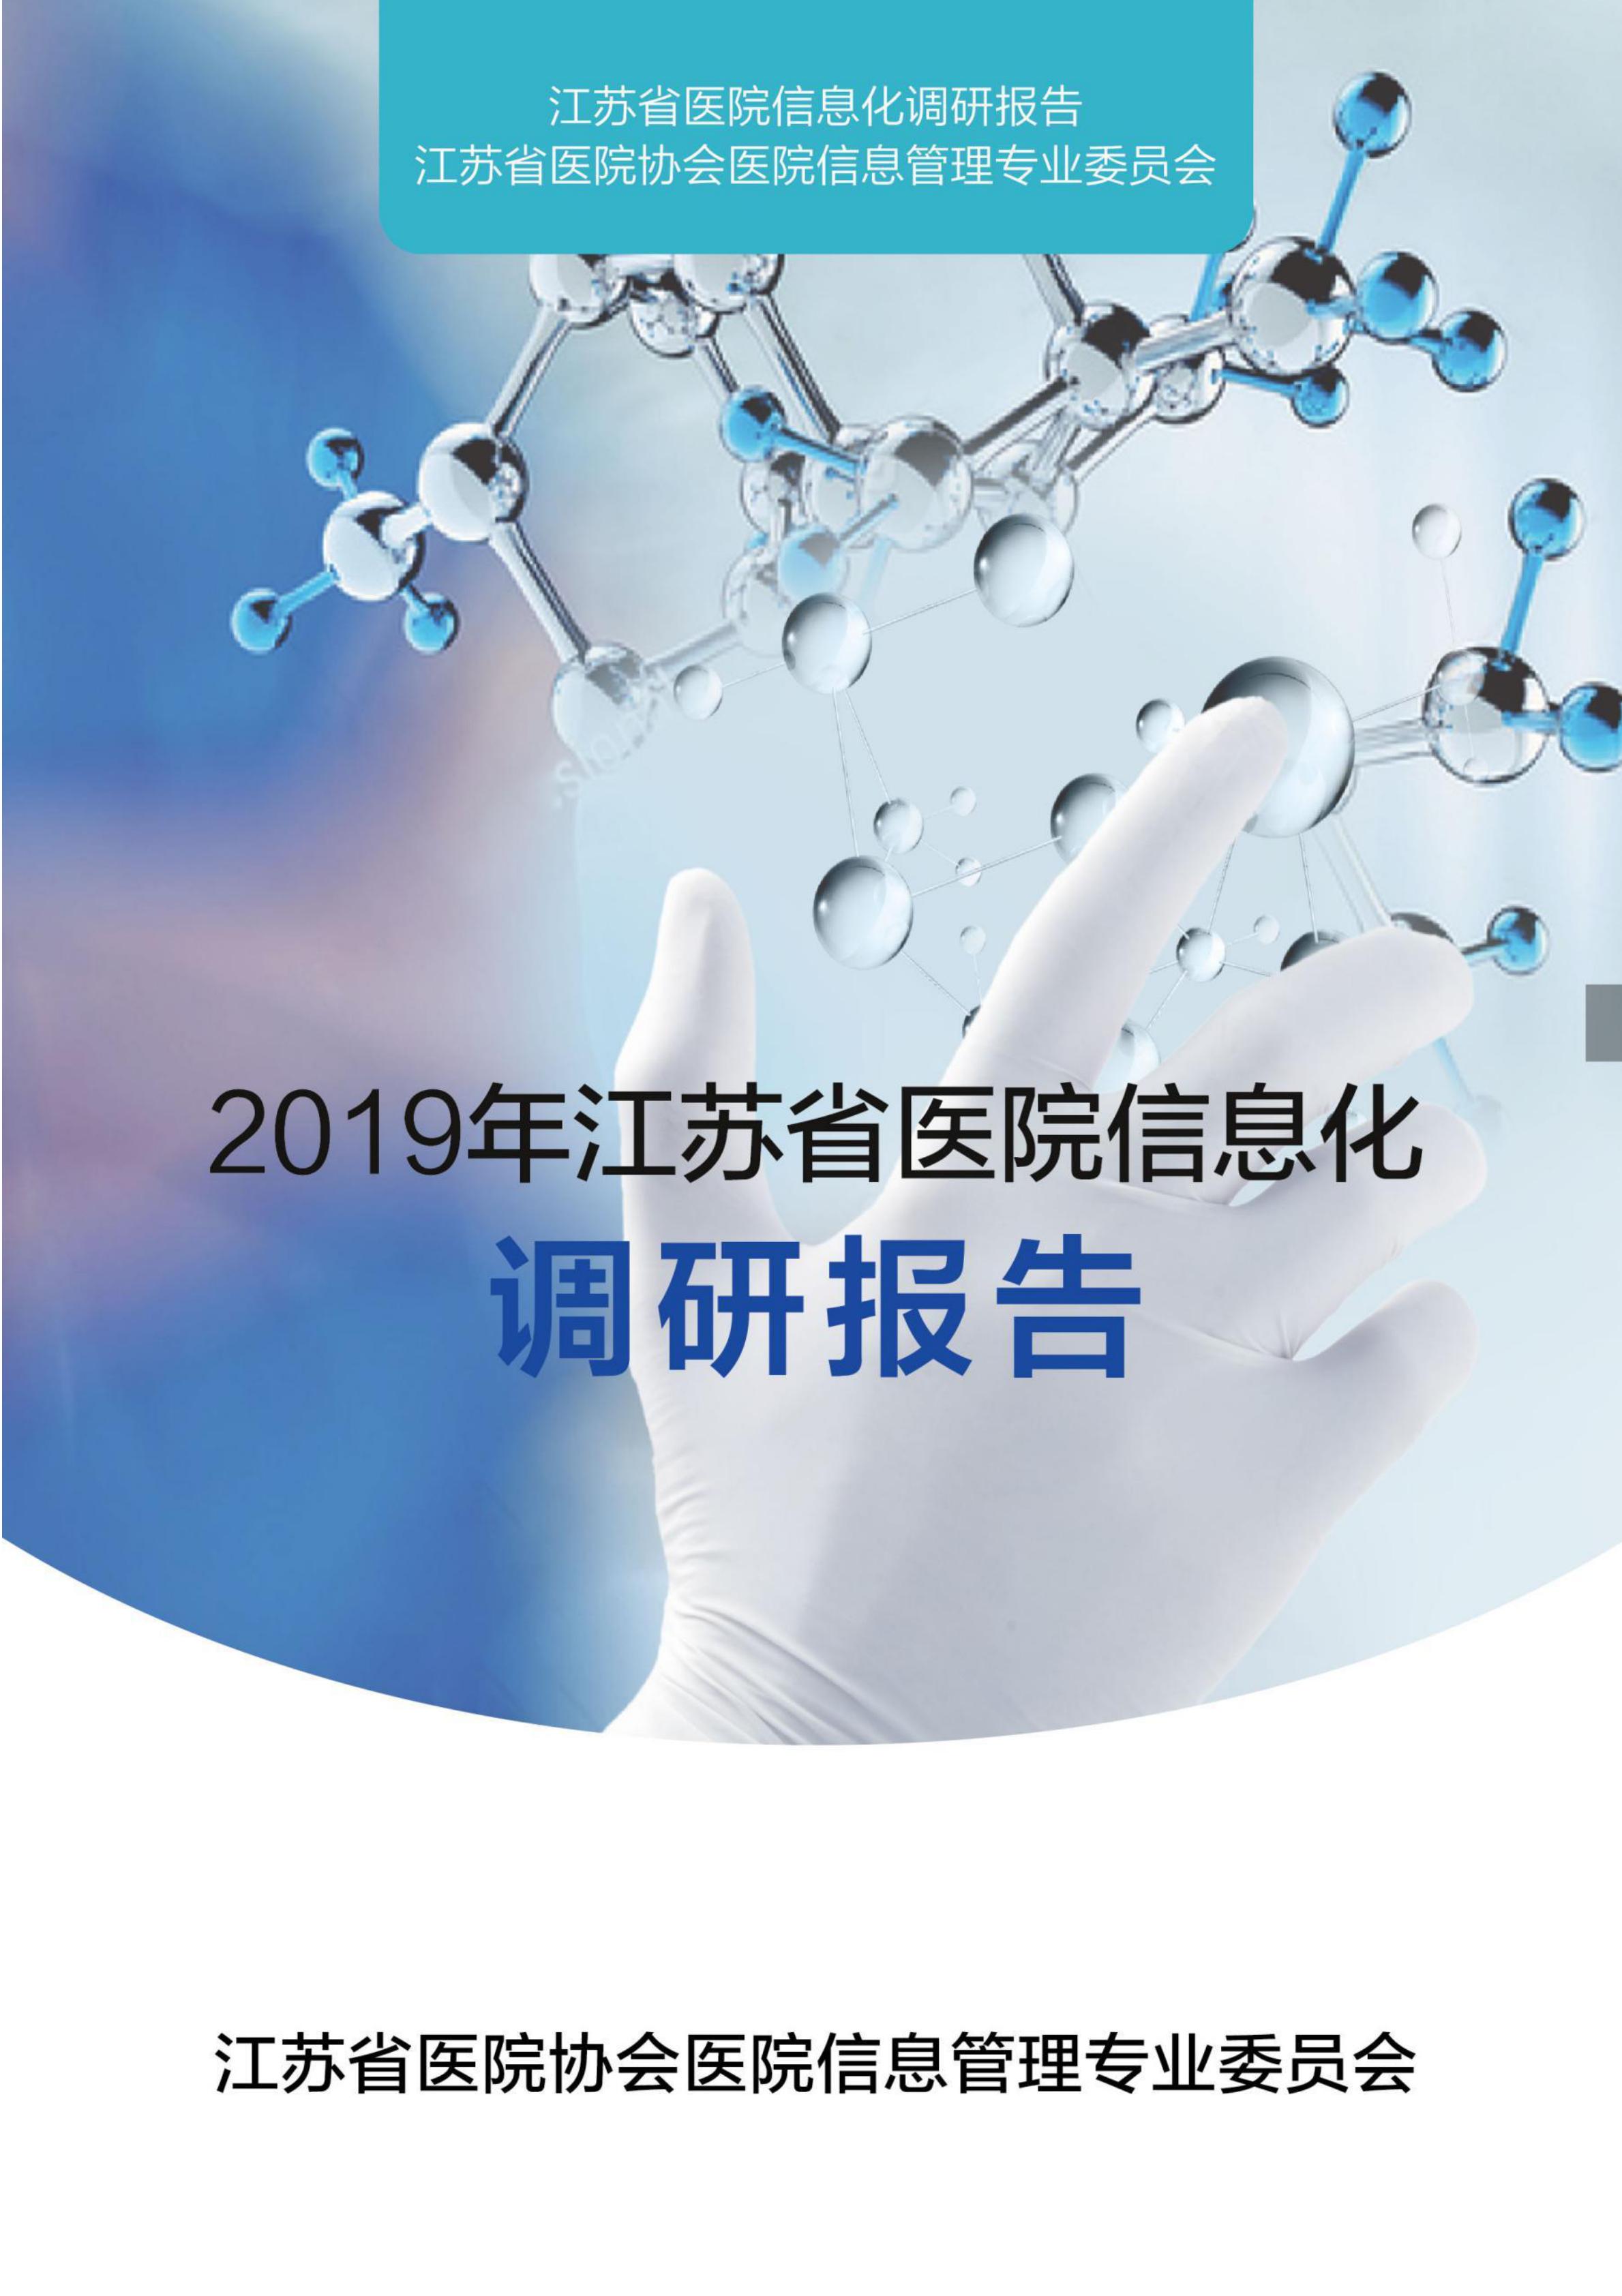 2019年江苏省医院信息化调研报告_00.png